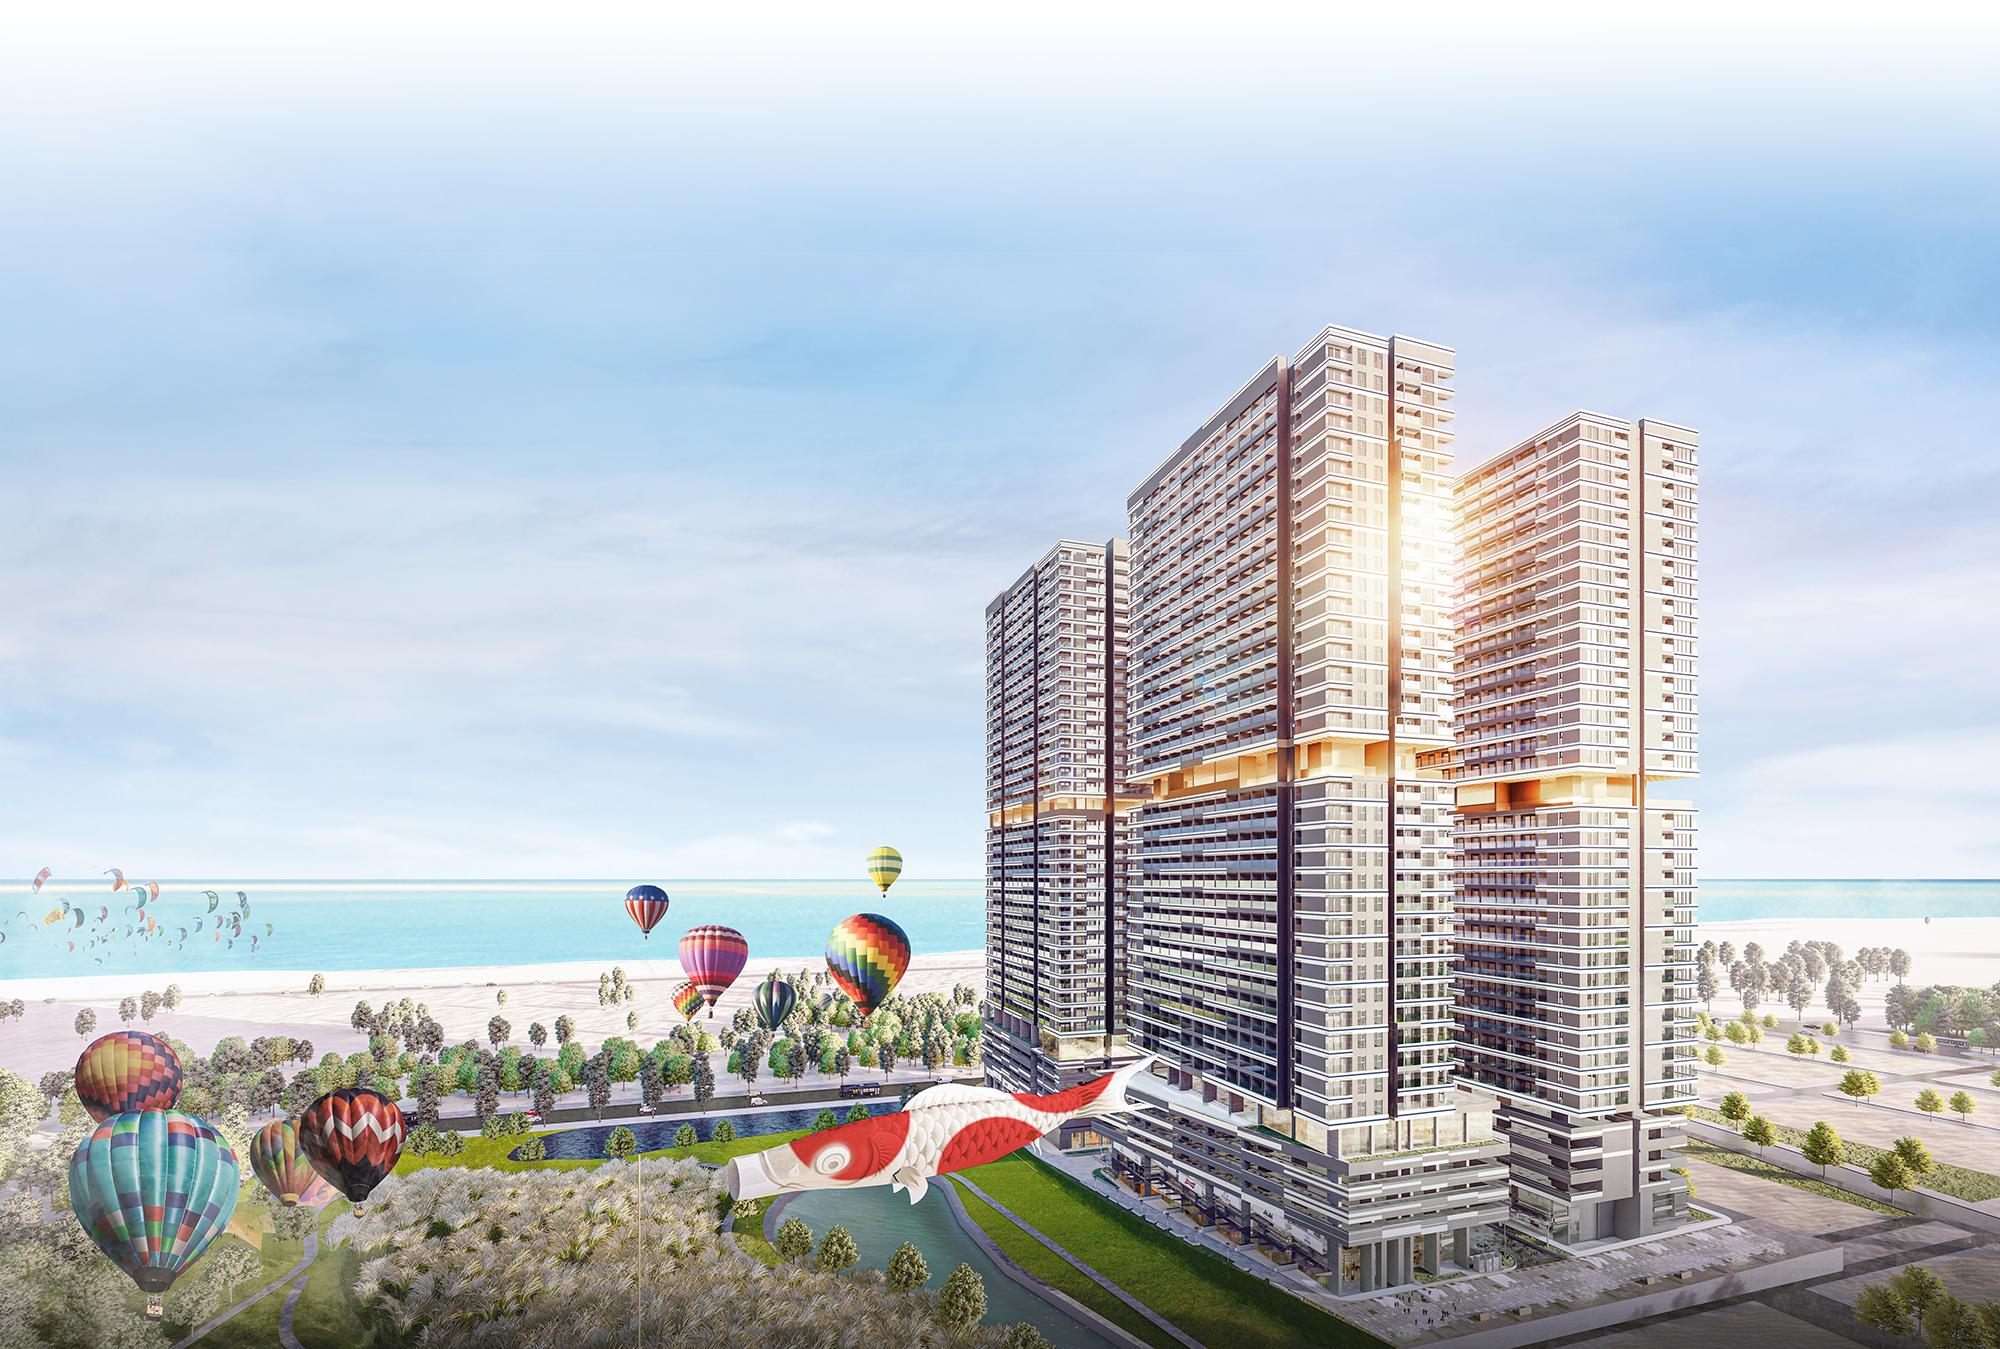 Tập đoàn Danh Khôi hướng đến vị thế nhà phát triển bất động sản hàng đầu thị trường - Ảnh 14.